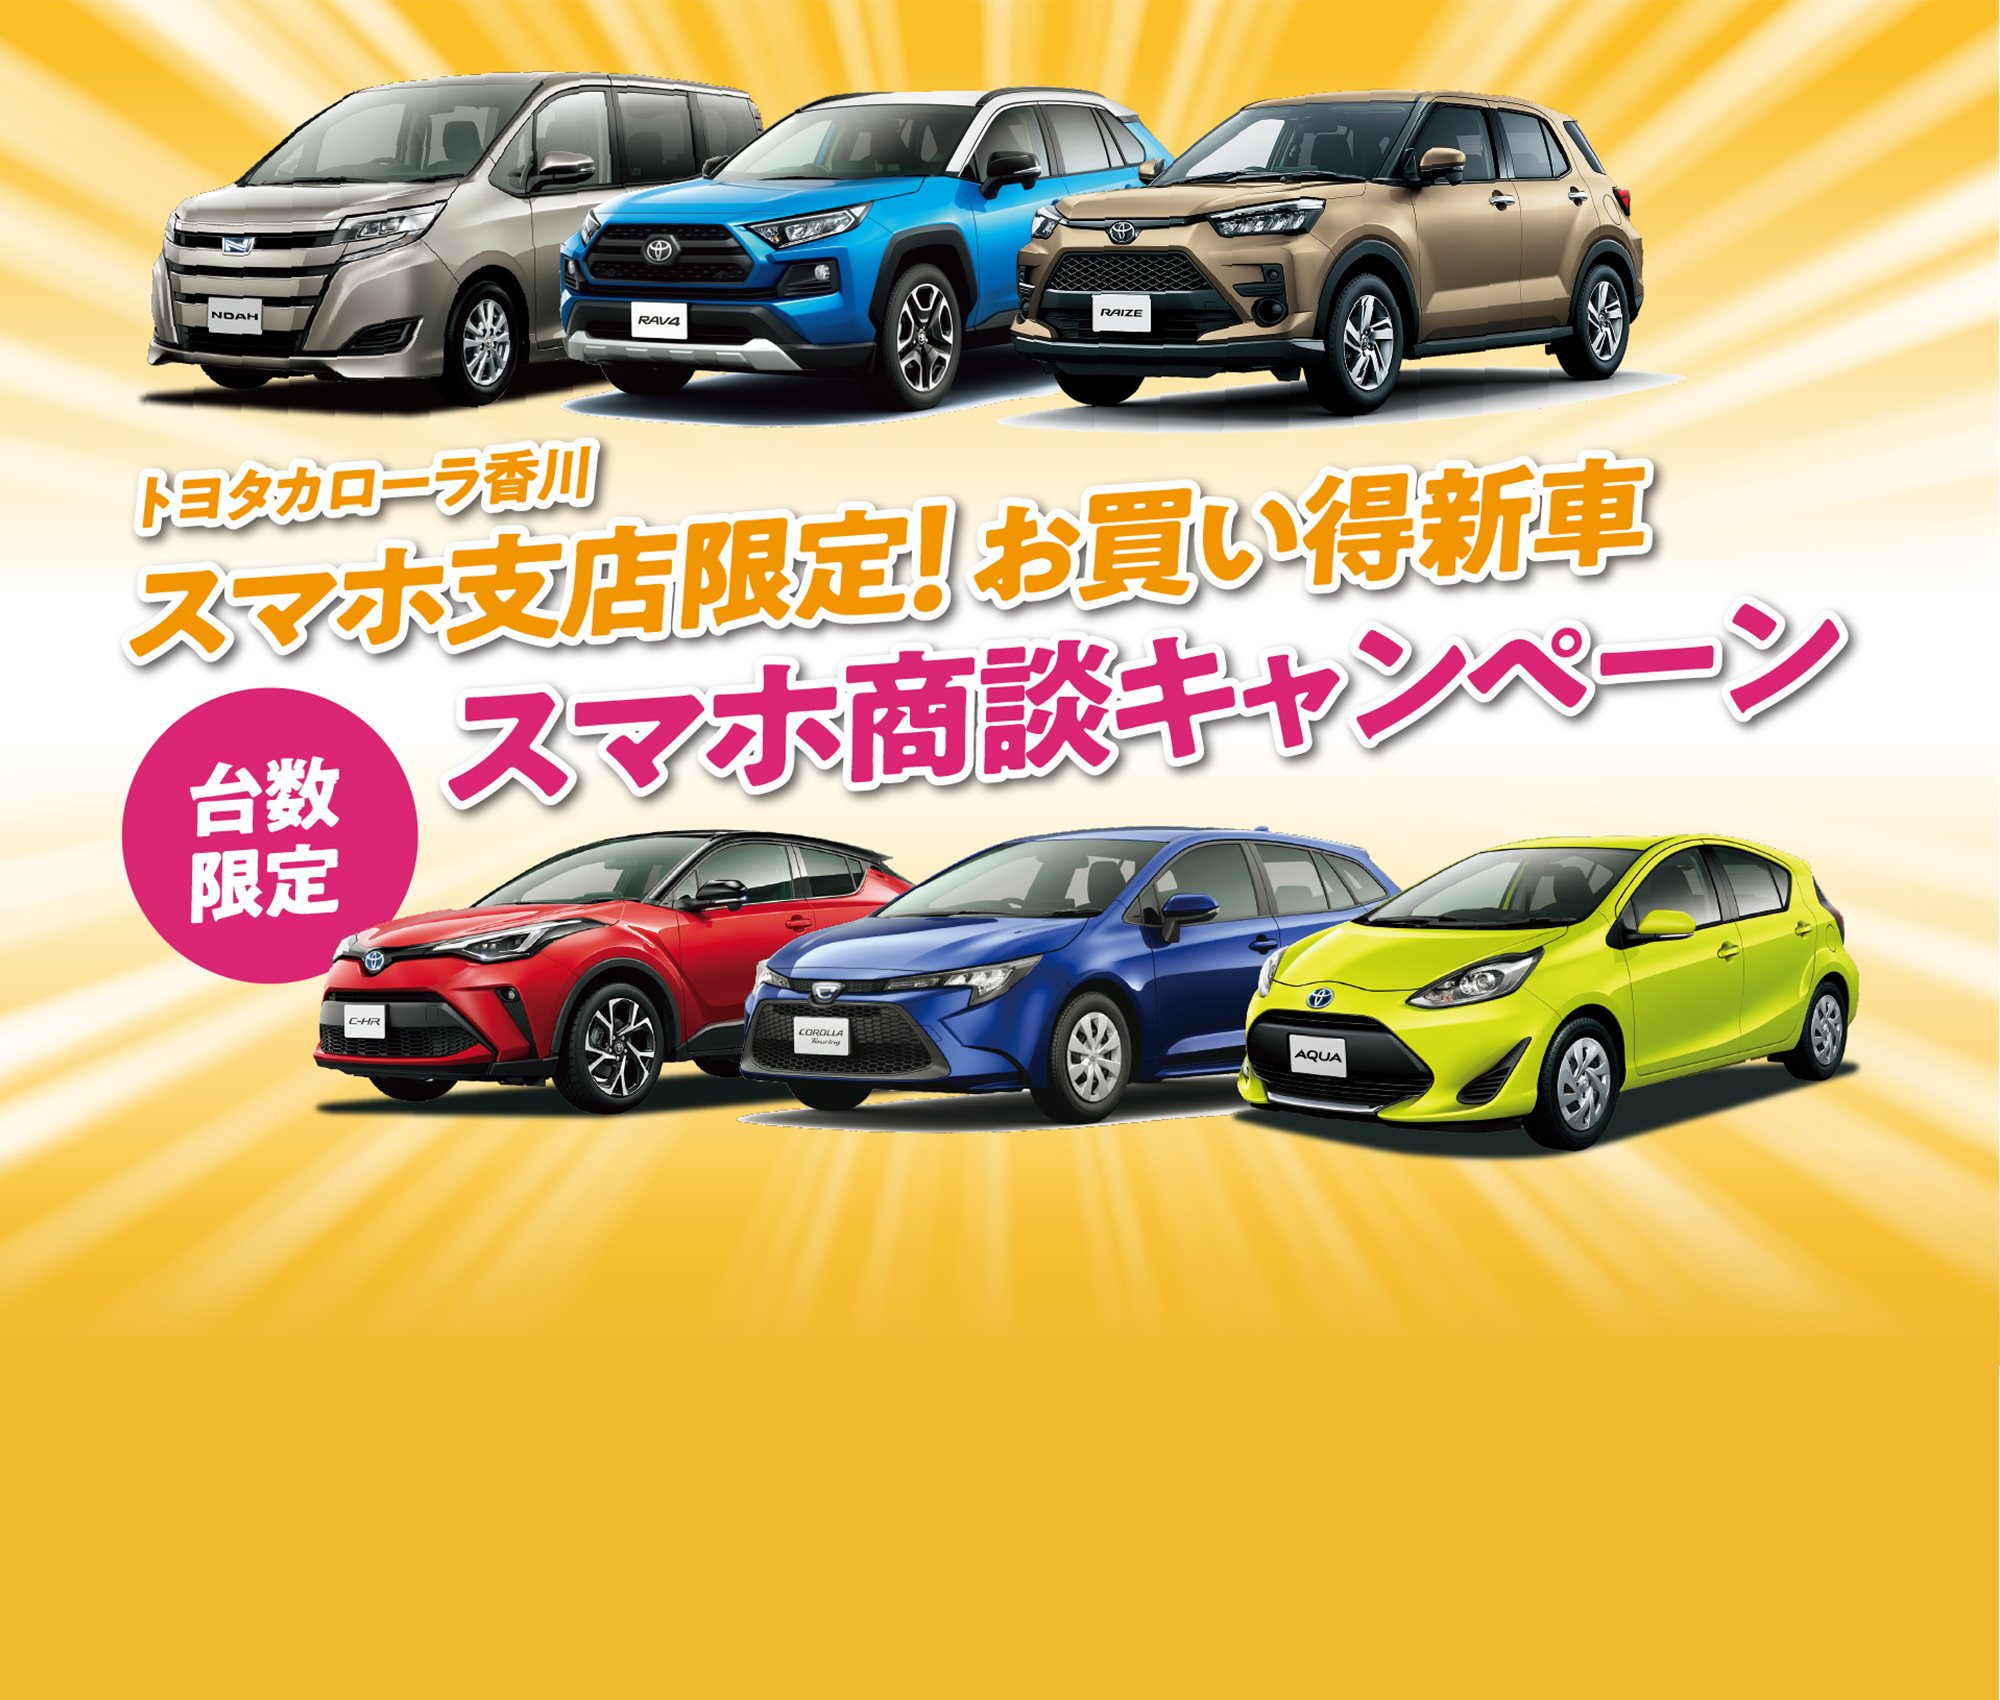 トヨタカローラ香川 スマホ支店限定!お買い得新車 スマホ商談キャンペーン